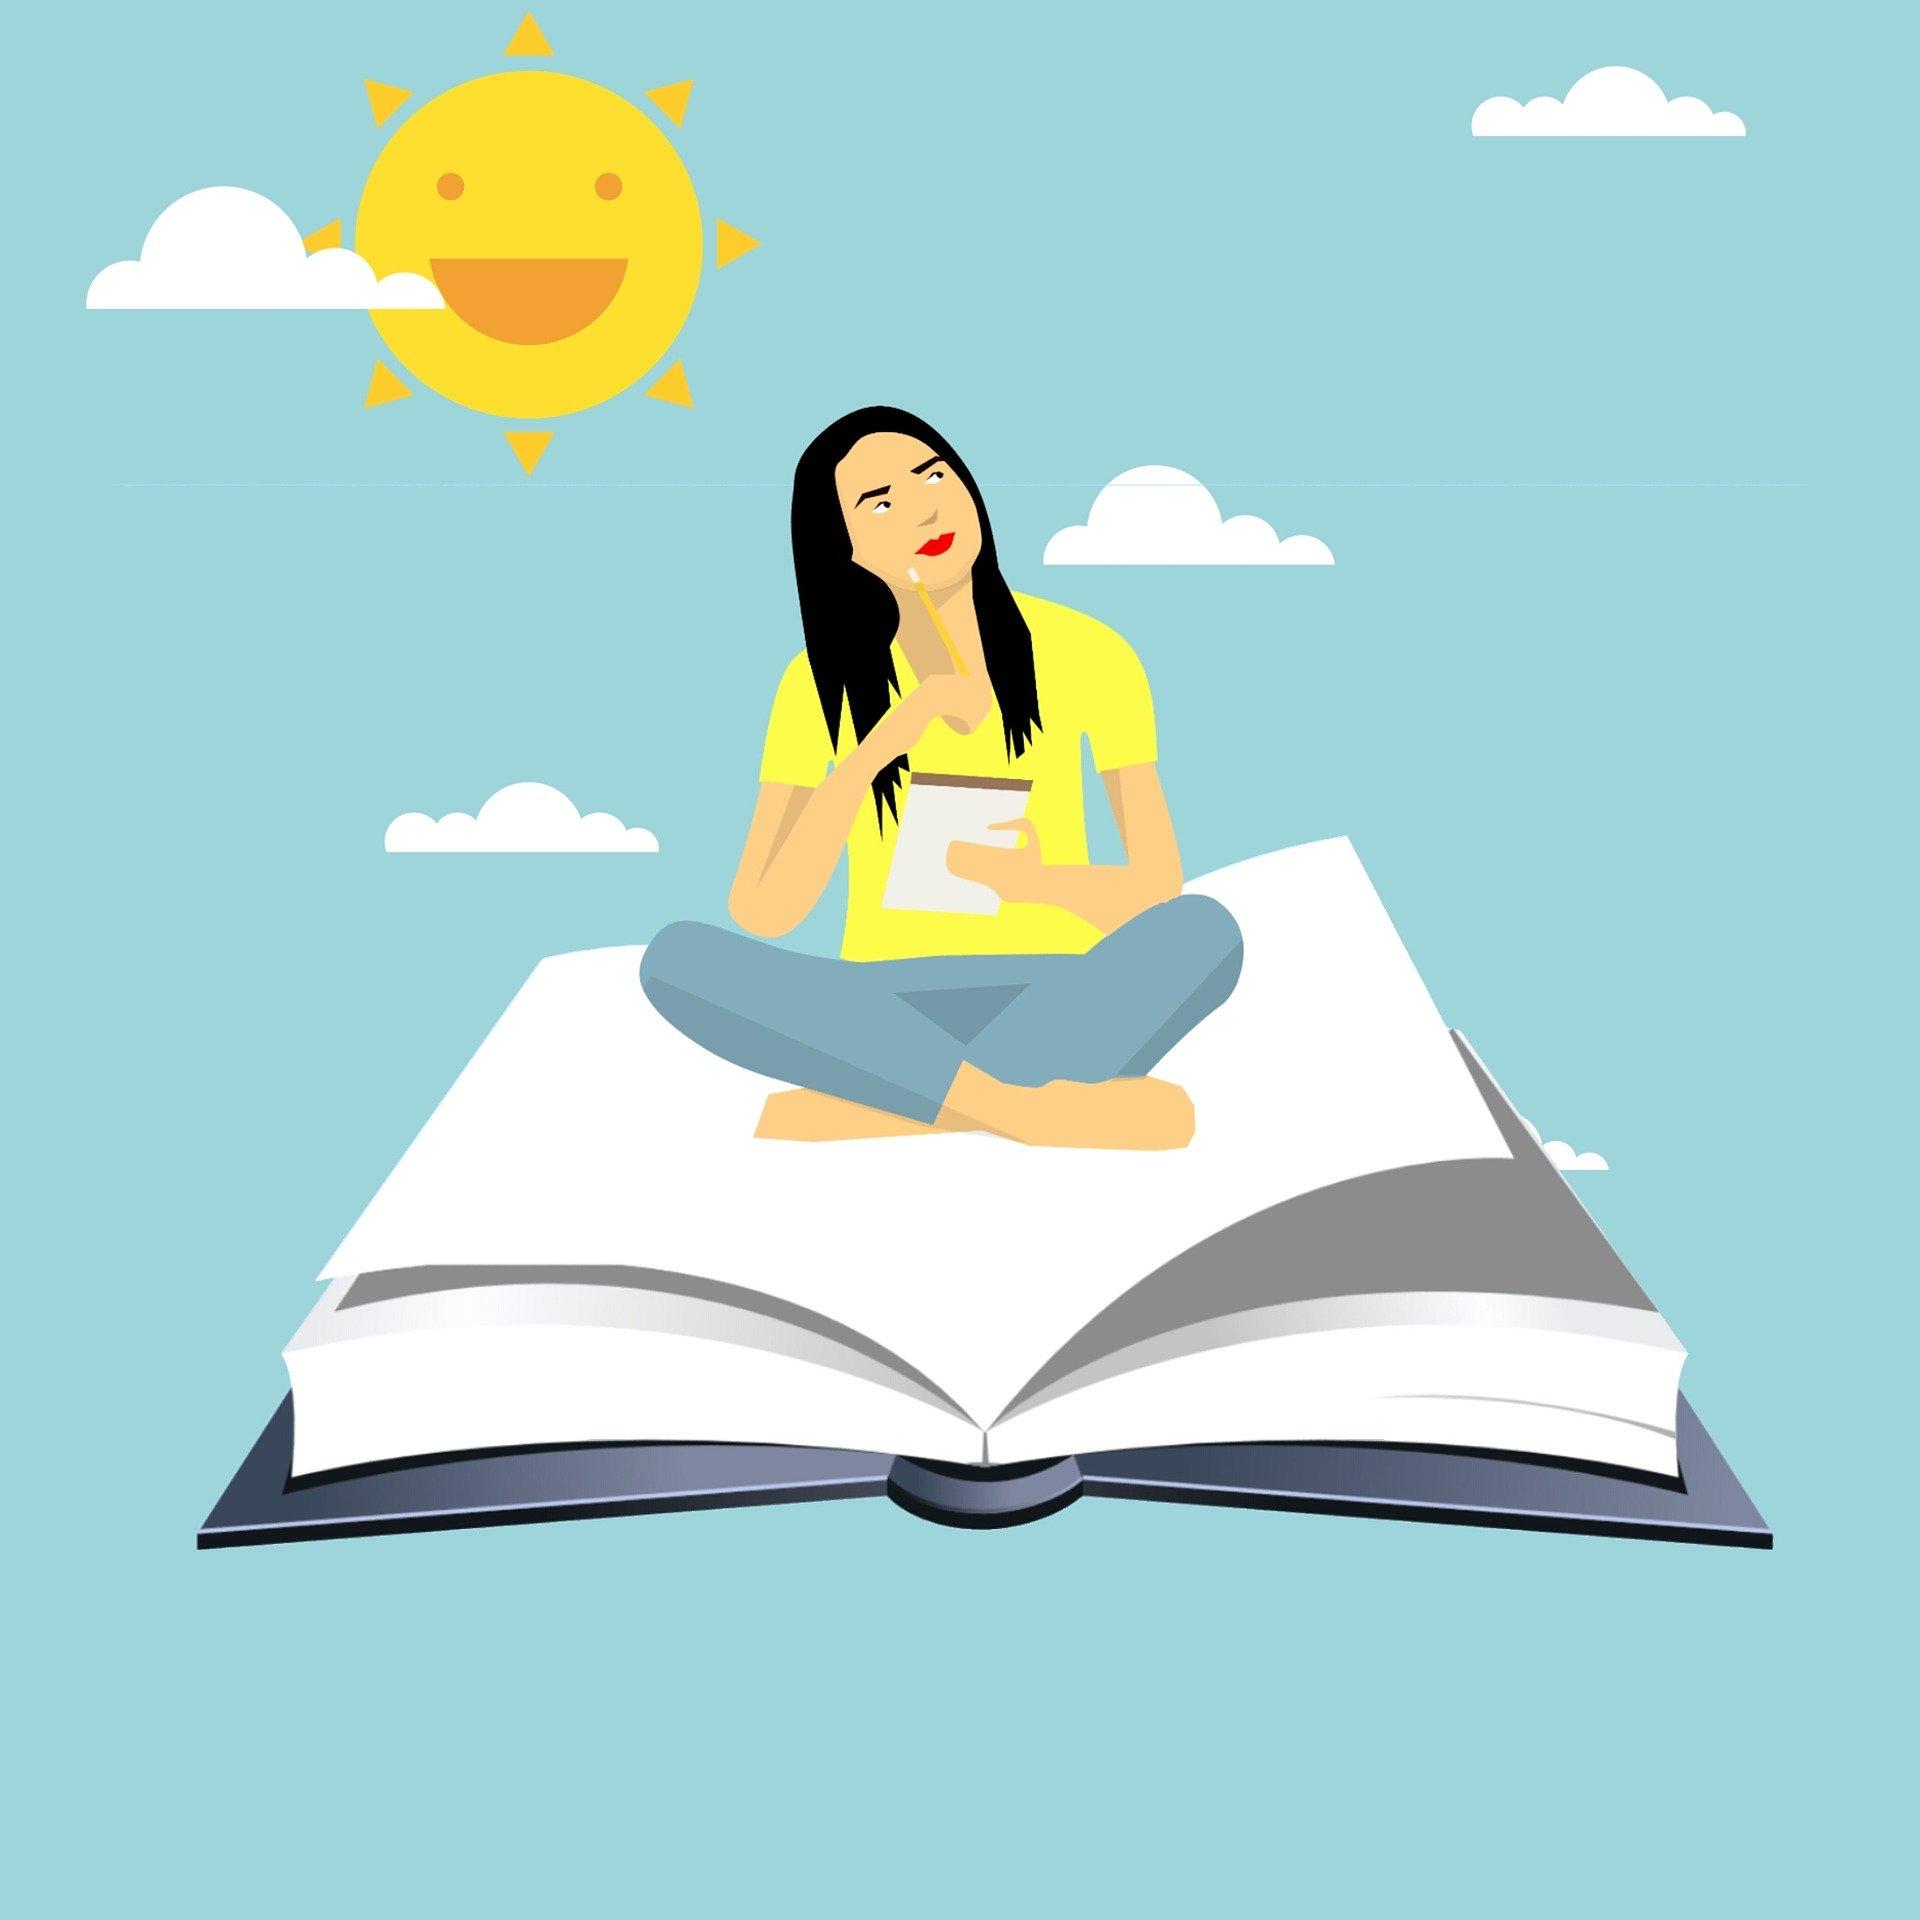 Frau, die mit einem Stift nachdenkend auf einem offenen Buch sitzt.